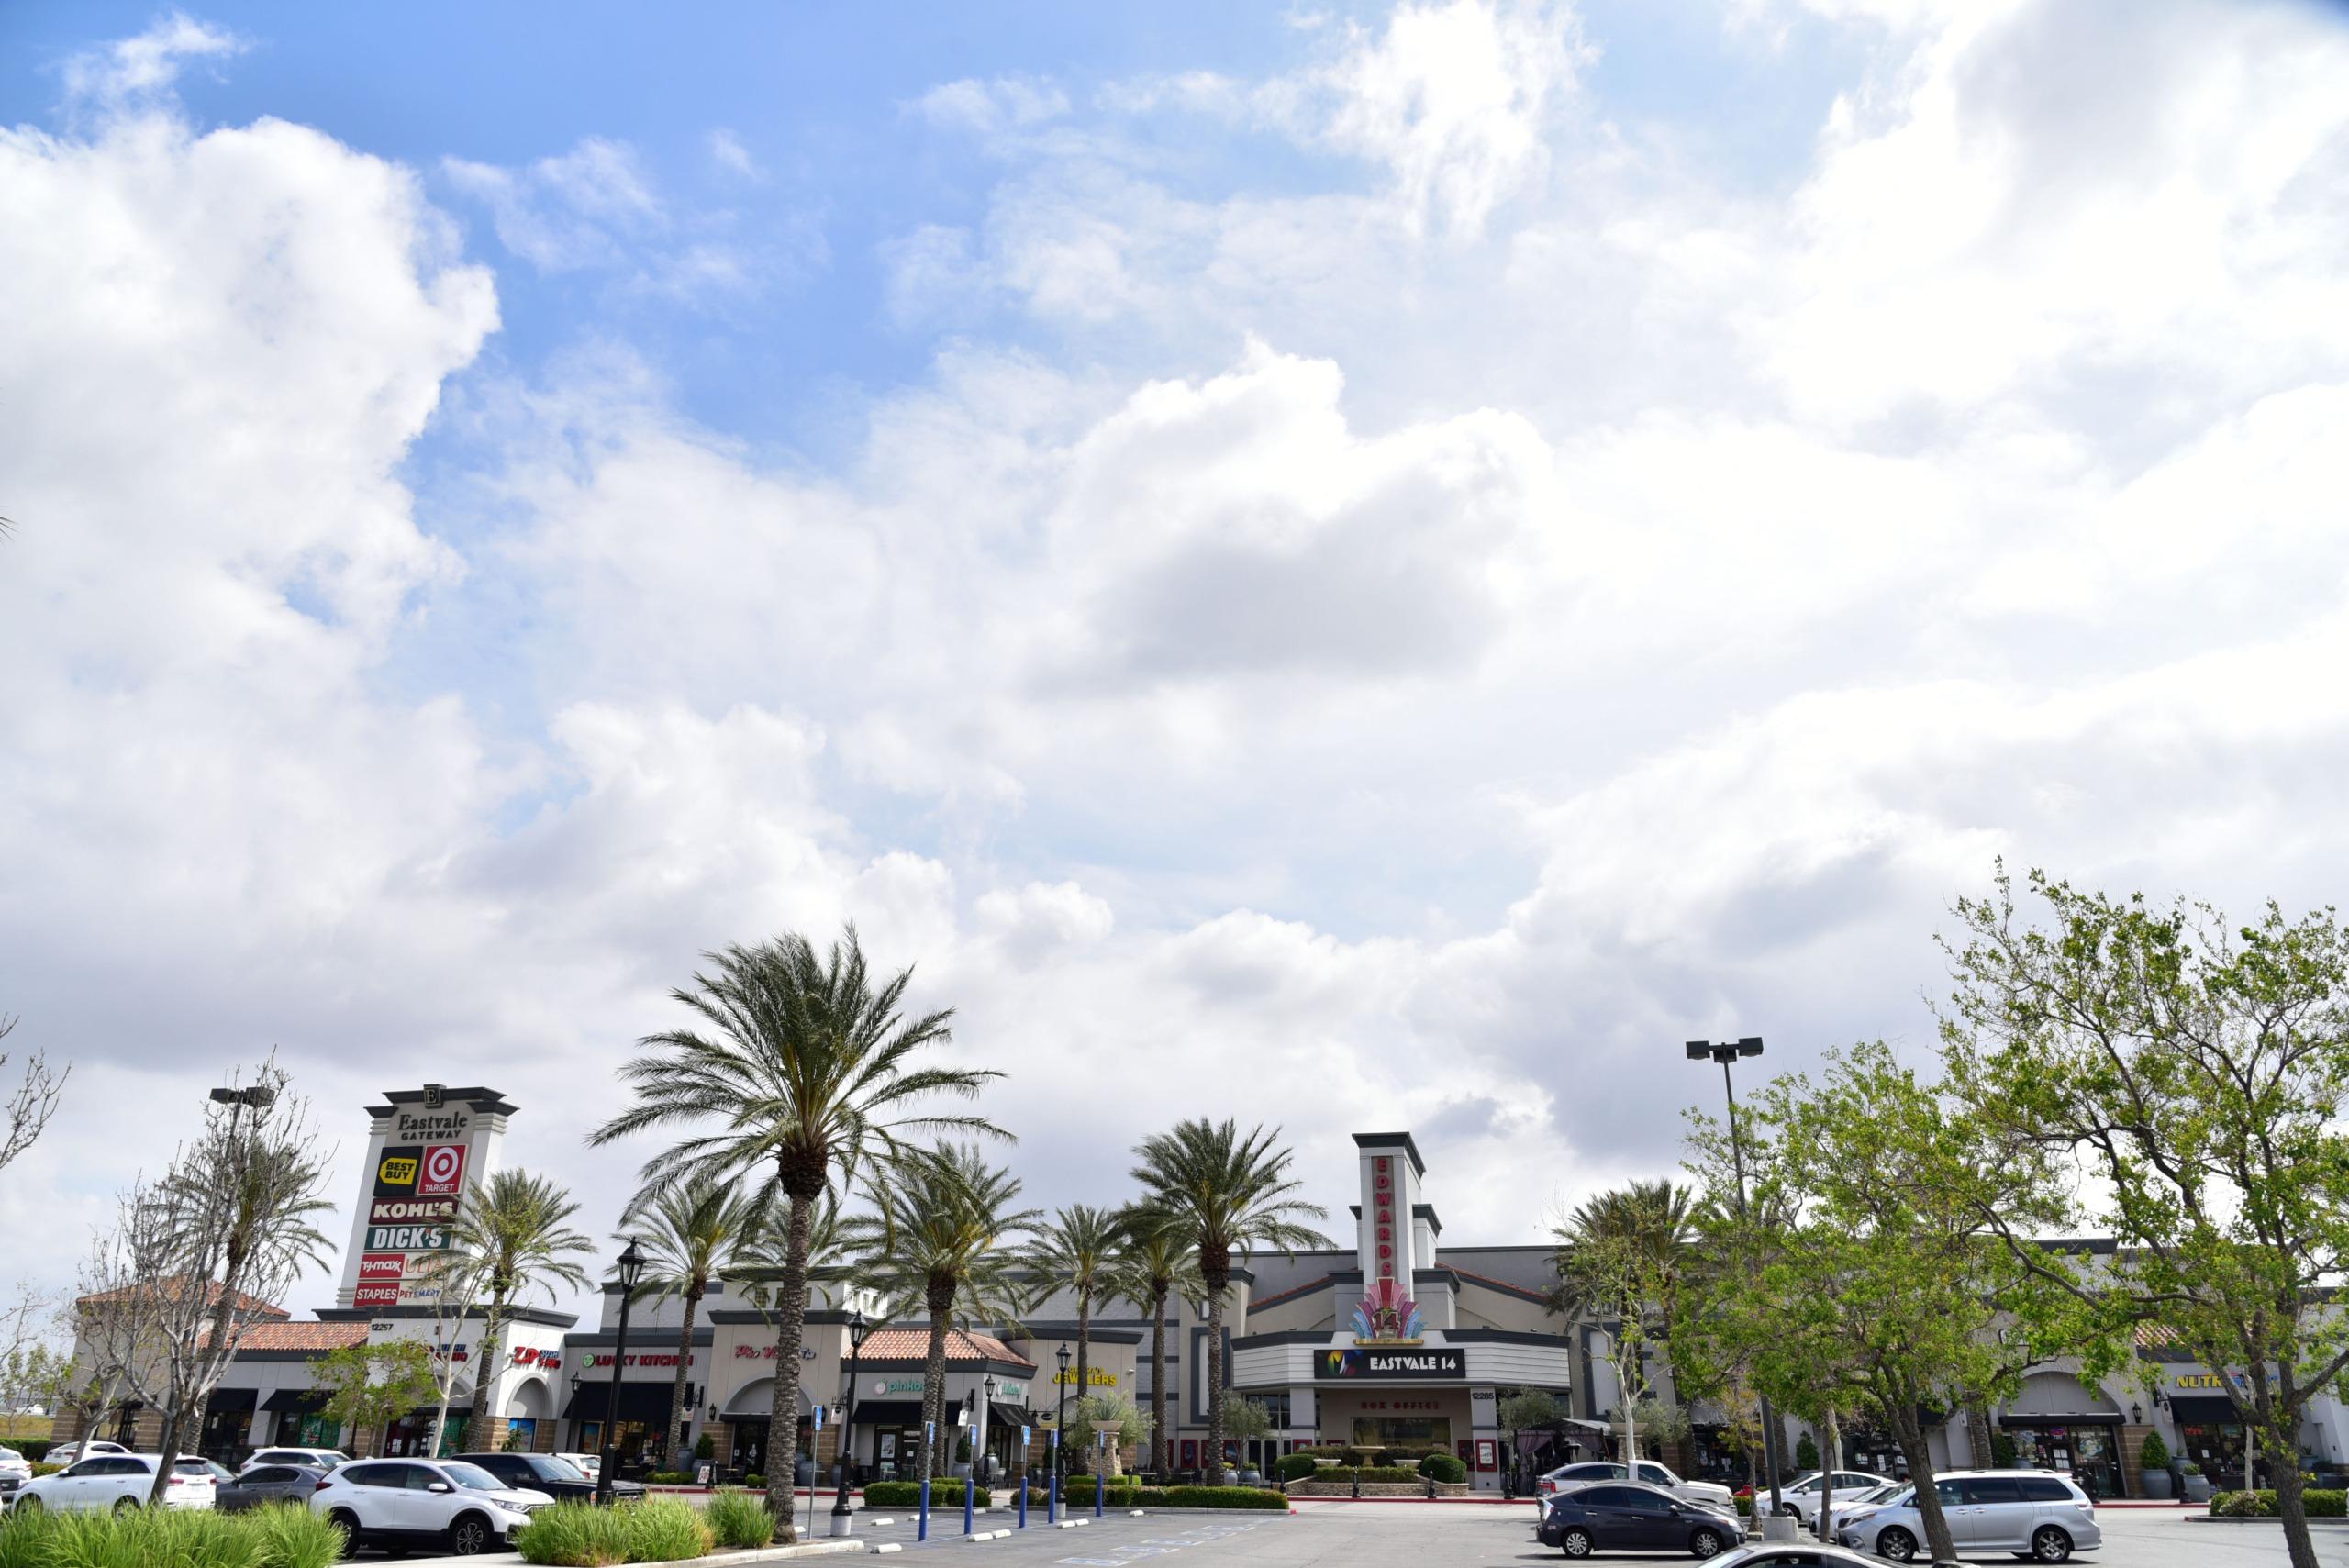 Eastvale Gateway Shopping Center